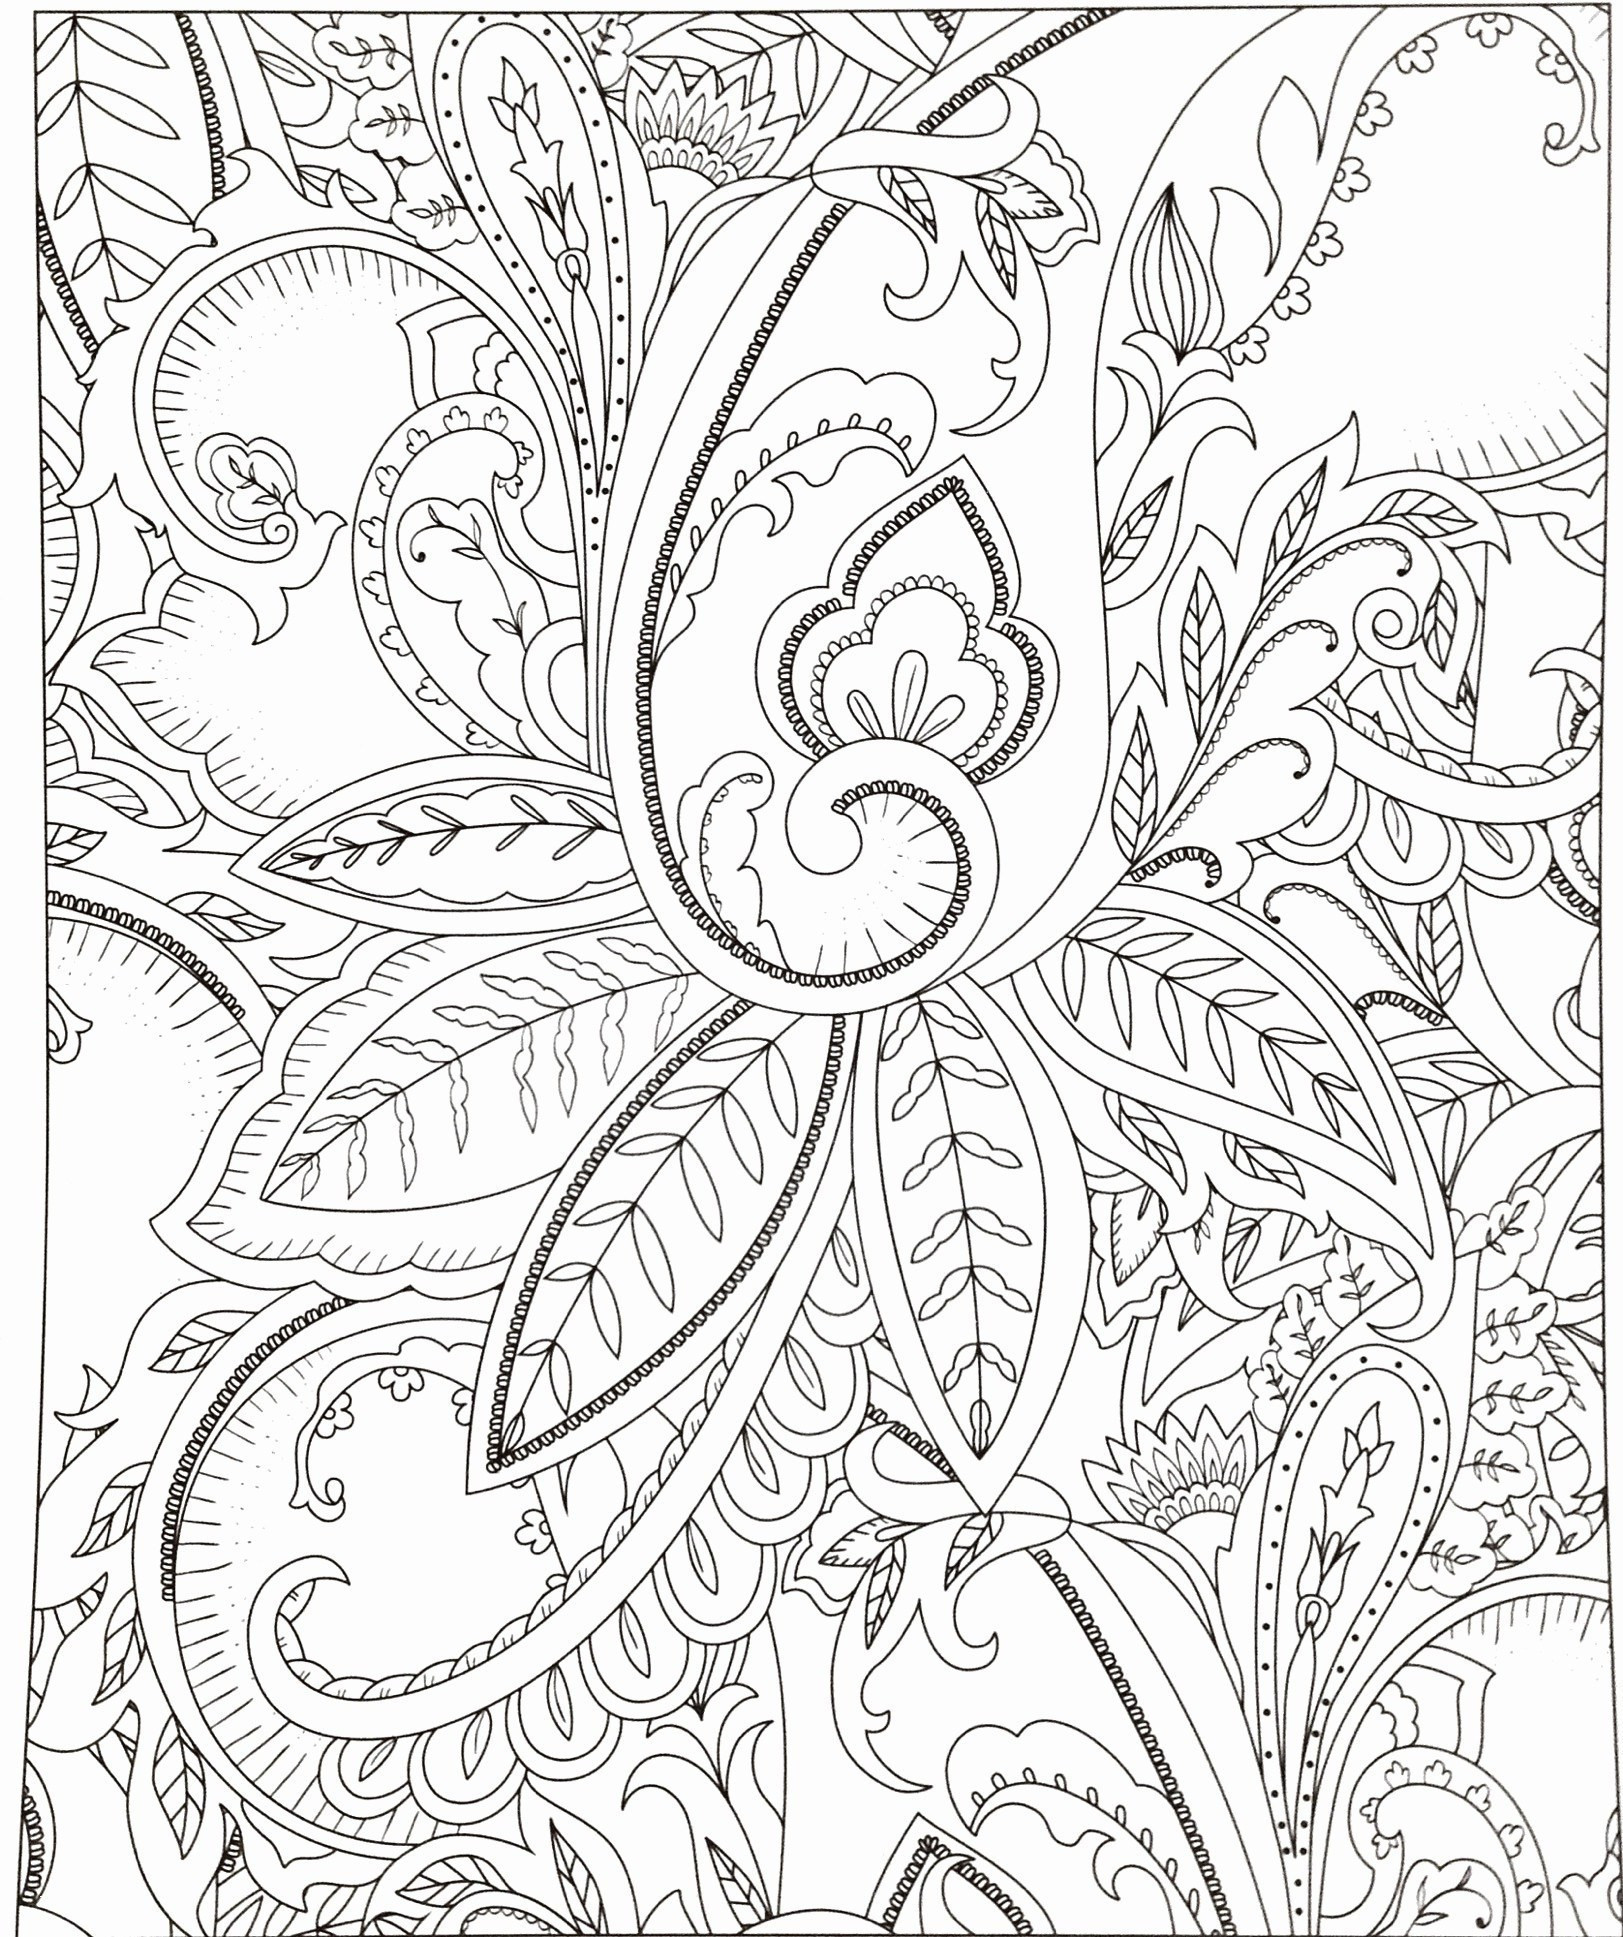 Rosen Zum Ausmalen Neu Blumenbilder Zum Zeichnen Wunderschöne 35 Blumen Ausmalbilder Sammlung